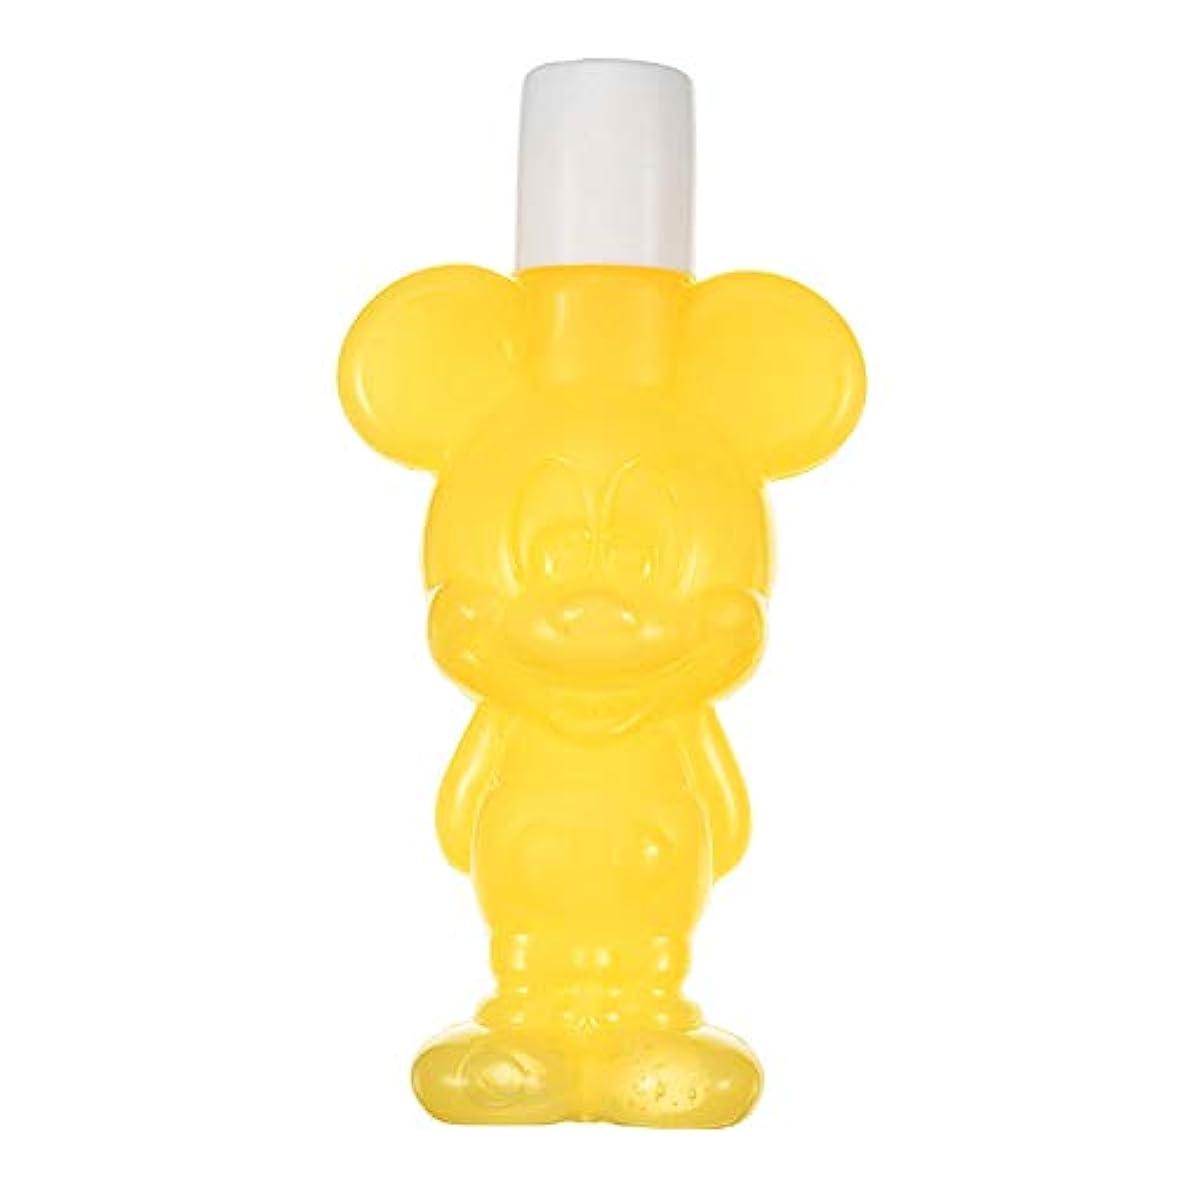 ディズニーストア(公式)保湿ジェル ミッキー イエロー Gummy Candy Cosme